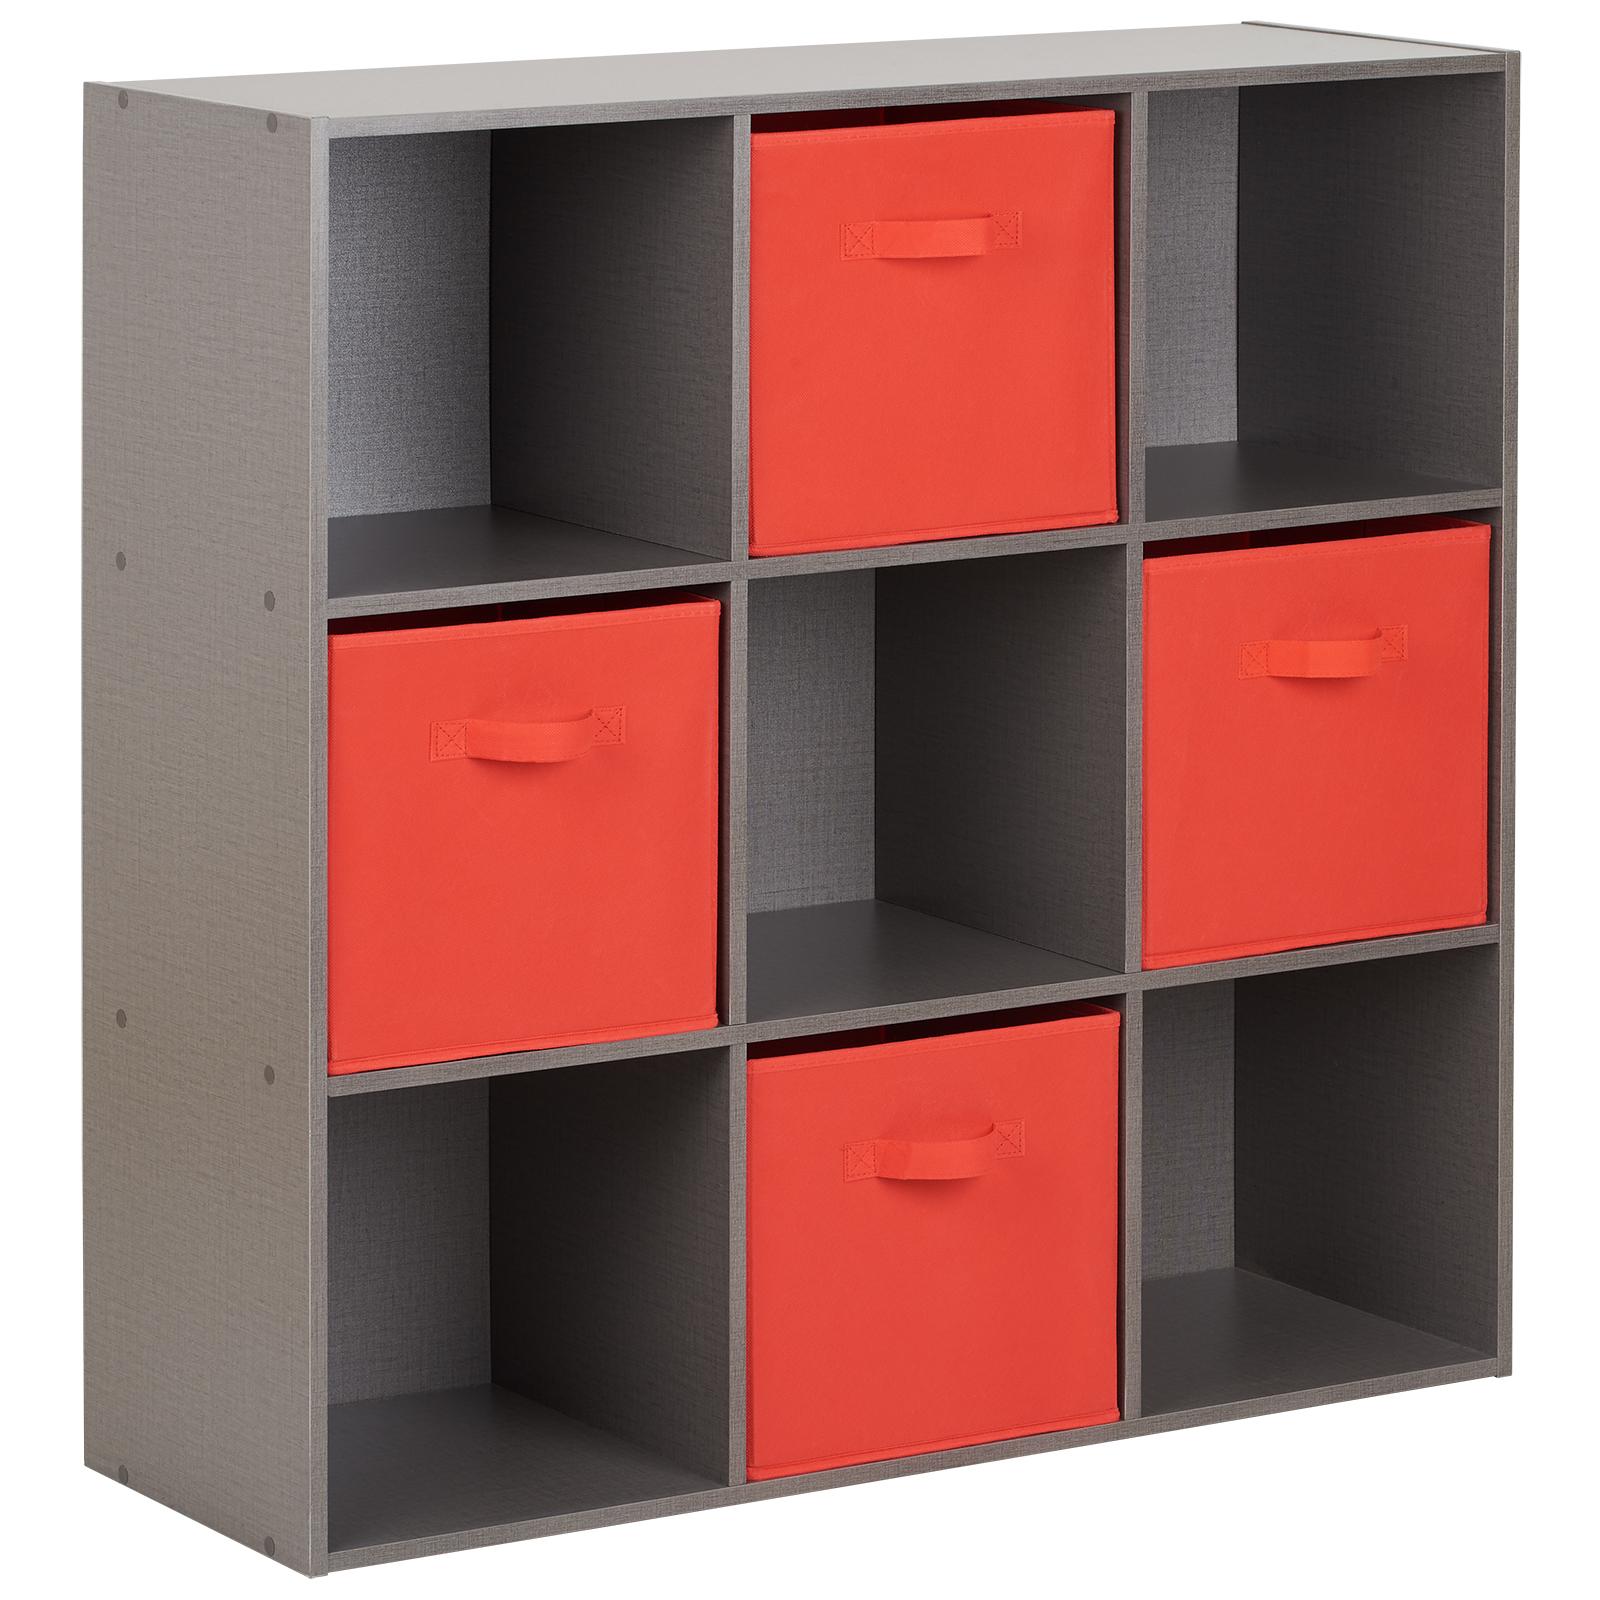 Cassettiera 4 Cassetti Prezzi.Dettagli Su Hartleys Mobile Scaffale Librerie Cassettiera Grigio 9 Cubi E 4 Cassetti Rosso